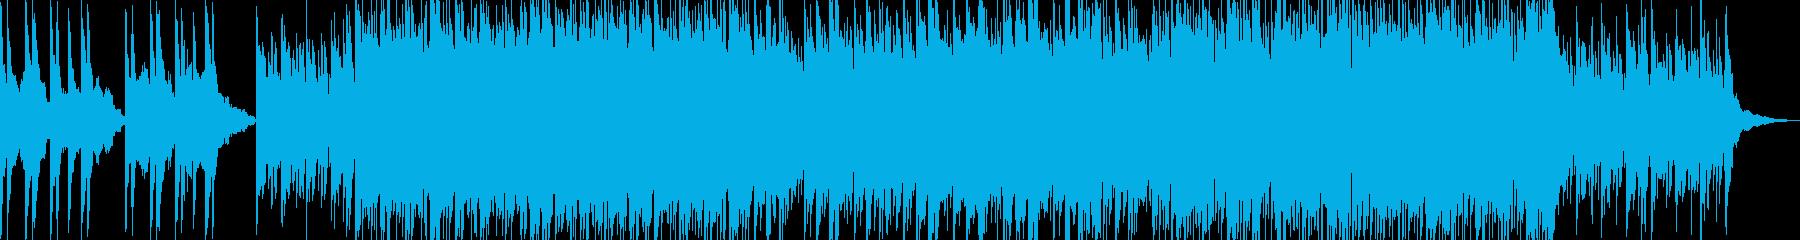 幻想的なピアノポップの再生済みの波形